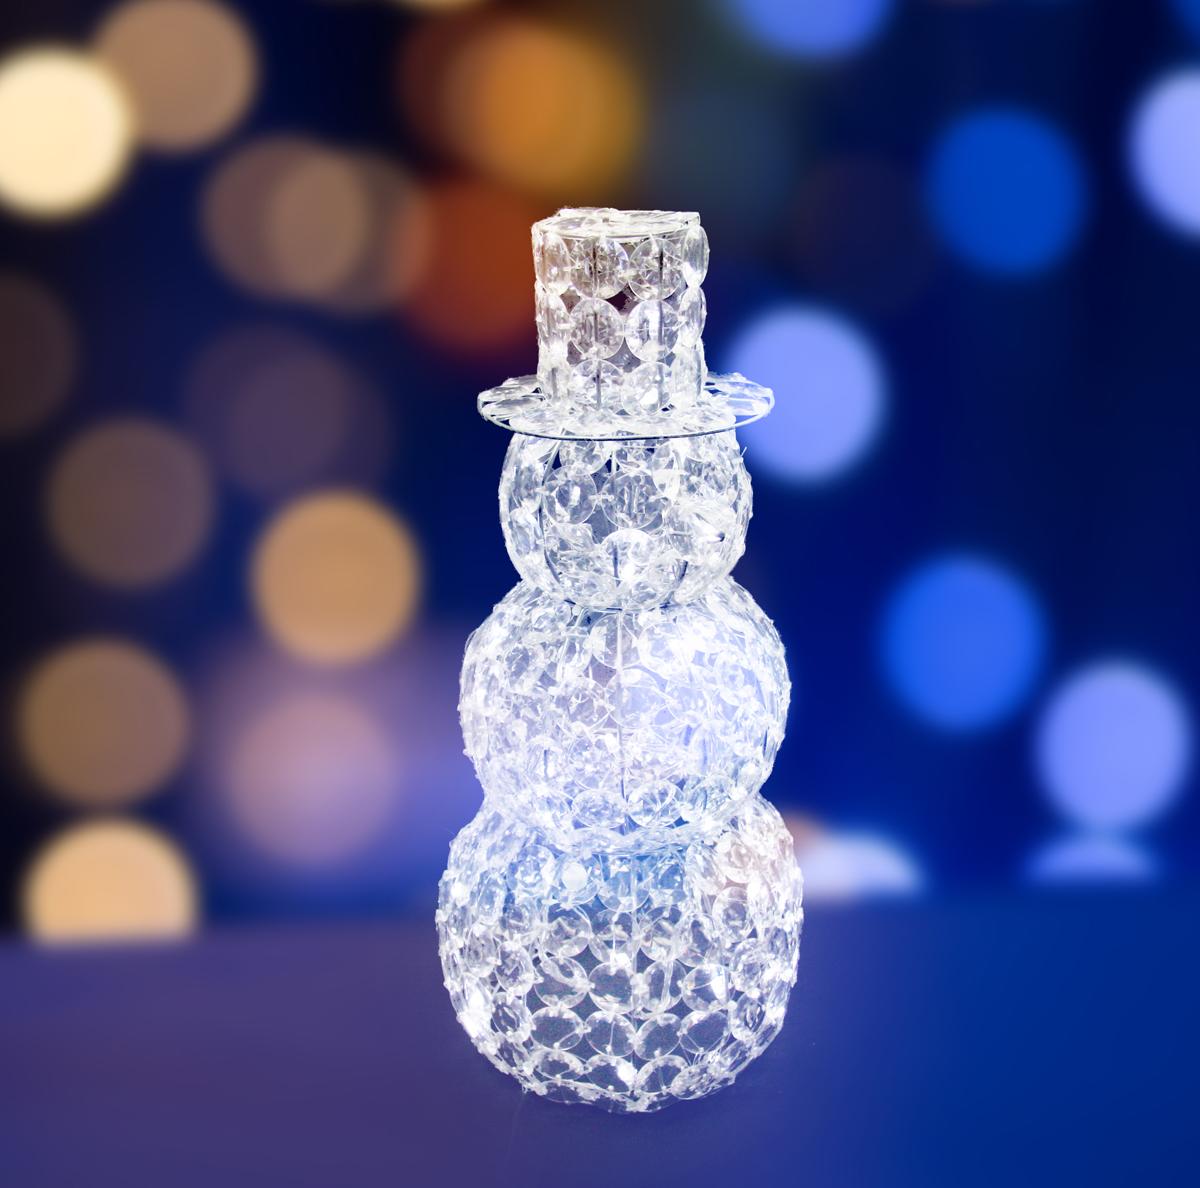 Фигура Neon-Night стеклянная Снеговик, светодиодная, 60 LED, с понижающим трансформатором, 50 см513-262Акриловые фигуры за несколько лет вызвали большой интерес у дизайнеров и частных клиентов. С каждым годом расширяется не только ассортимент акриловых фигур, но и появляются новые технологии нанесения акрила. Эти яркие, светящиеся объемные фигуры, состоящие из металлического каркаса, акрила и светодиодов, применяются для оформления и создания новогодней атмосферы в кафе, ресторанах, торговых центрах, магазинах, на площадях и перед входом, а также просто в частных домах и квартирах. Все фигуры укомплектованы понижающим трансформатором , что обеспечивает безопасность при контактировании, а так же имеют степень защиты IP 44, что позволяет использовать их как в помещении, так и на улице. Акриловая светодиодная фигура Снеговик высотой 50 см, светящаяся более чем 60 ярких диодов, выполнена по специальной технологии нанесения акрила. Она позволит Вам создать ту самую, настояющую новогоднюю атмосферу и принести сотни радостных улыбок